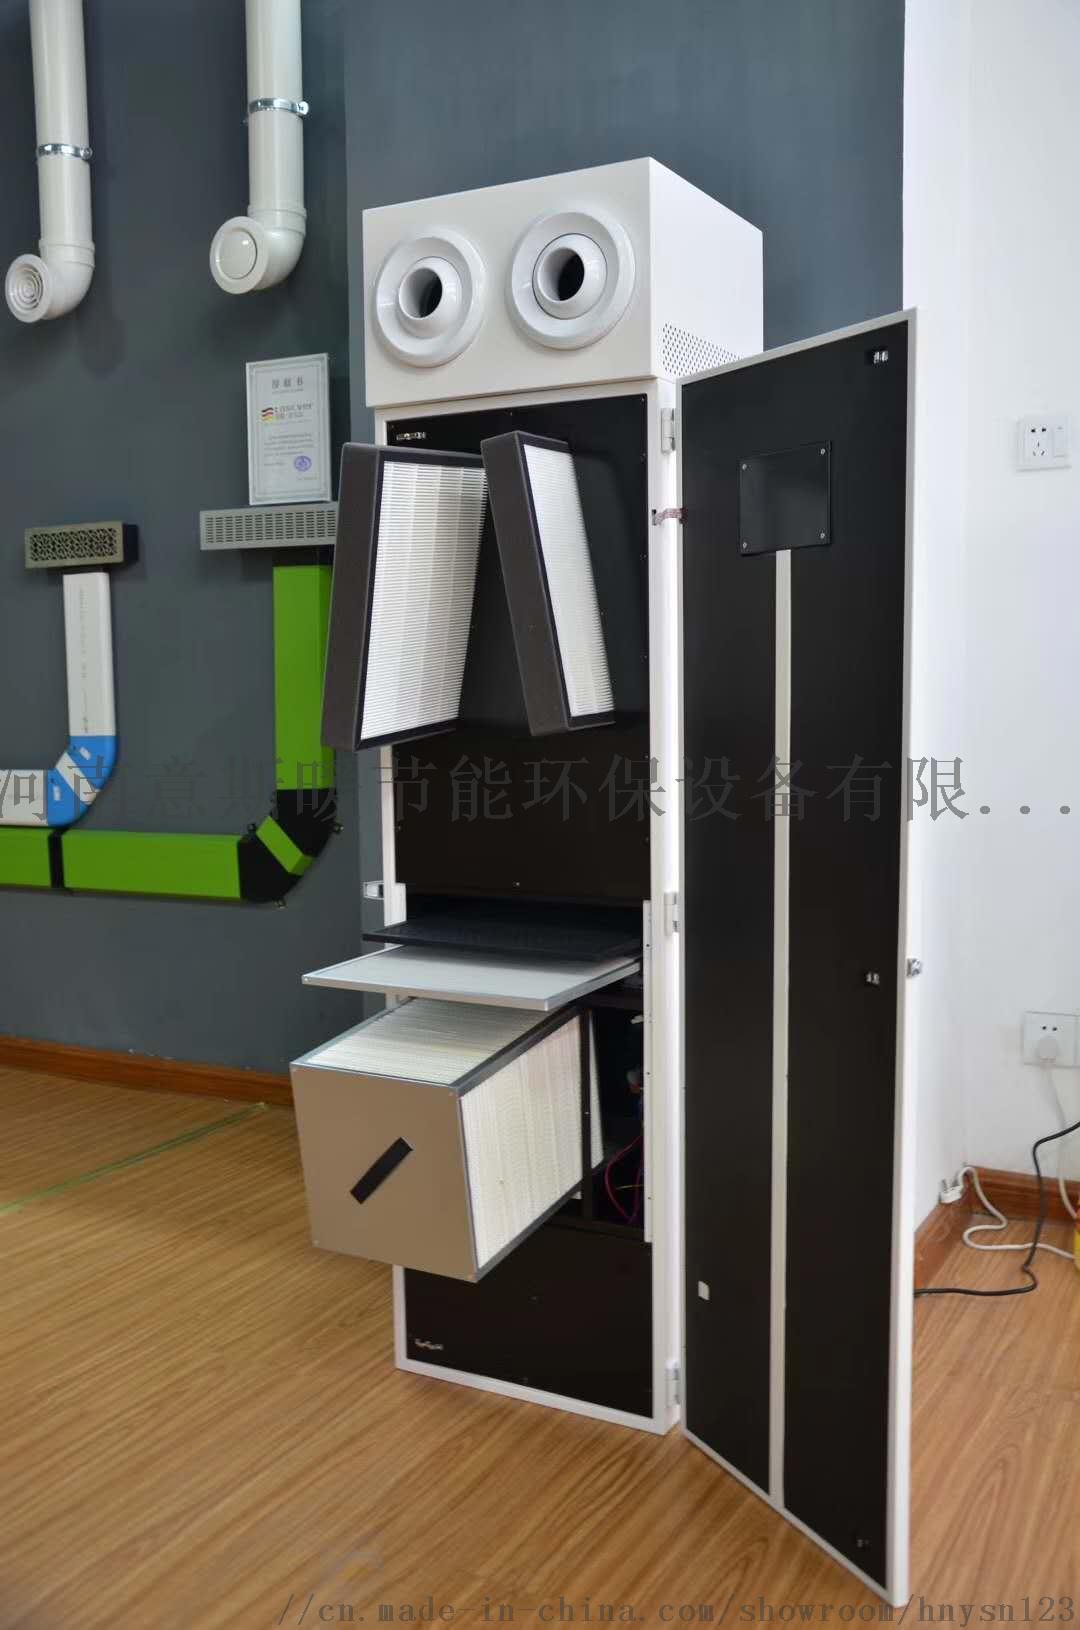 莱斯·克韦尔新风壁挂机智能家用柜机限时促销中107326785